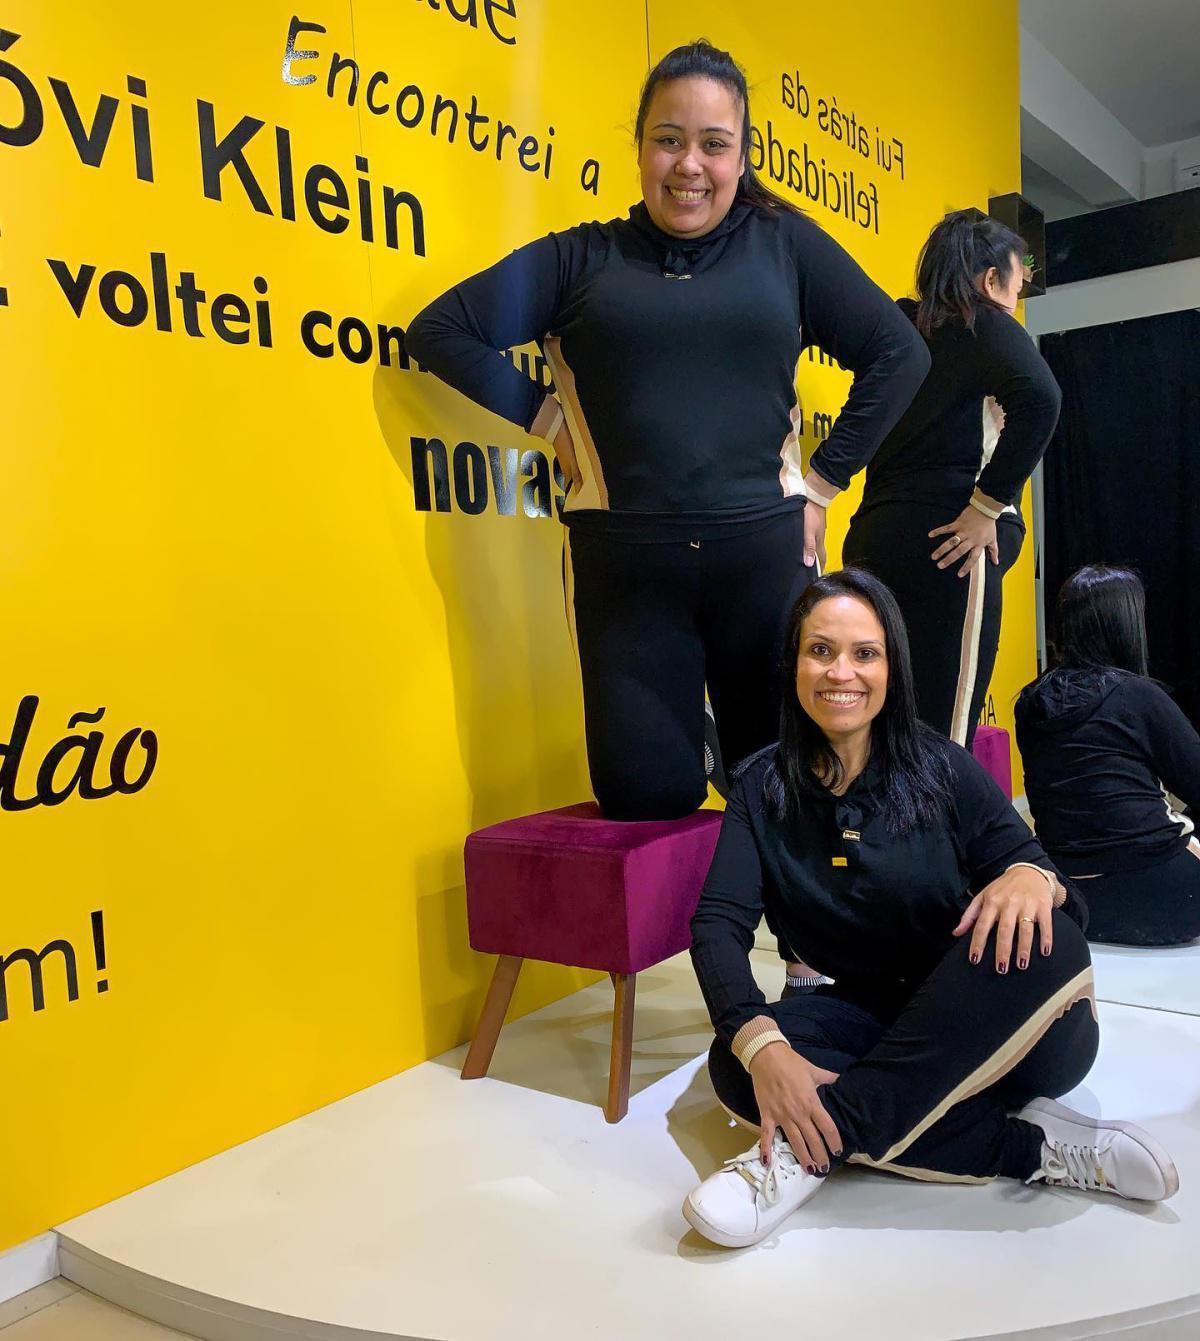 Tóvi Klein Store